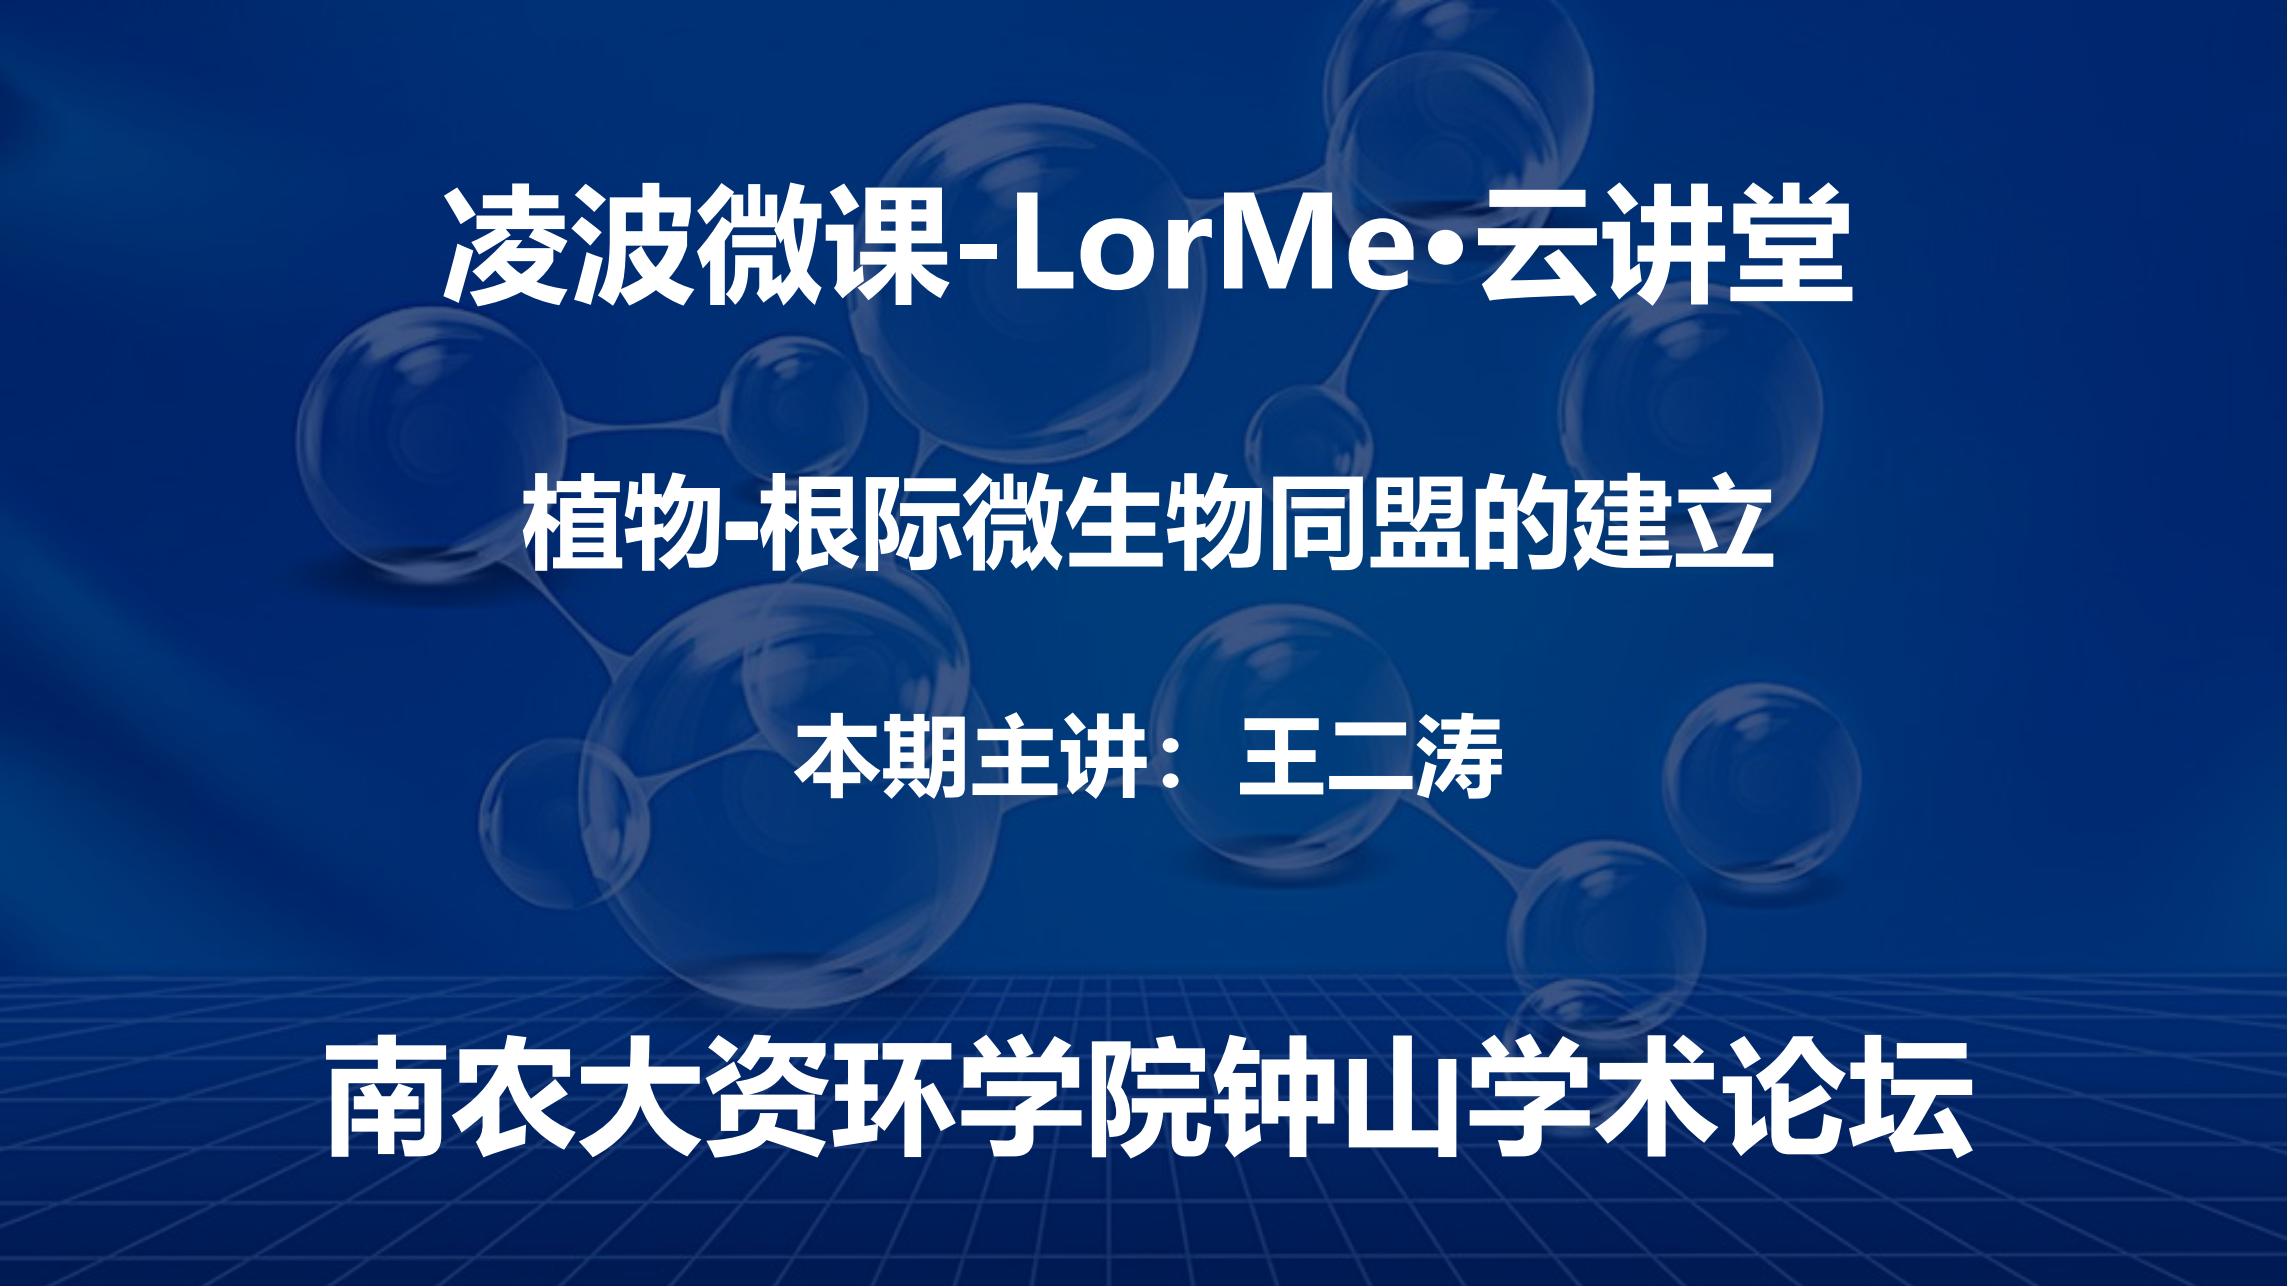 凌波微课-LorMe云讲堂第十七讲